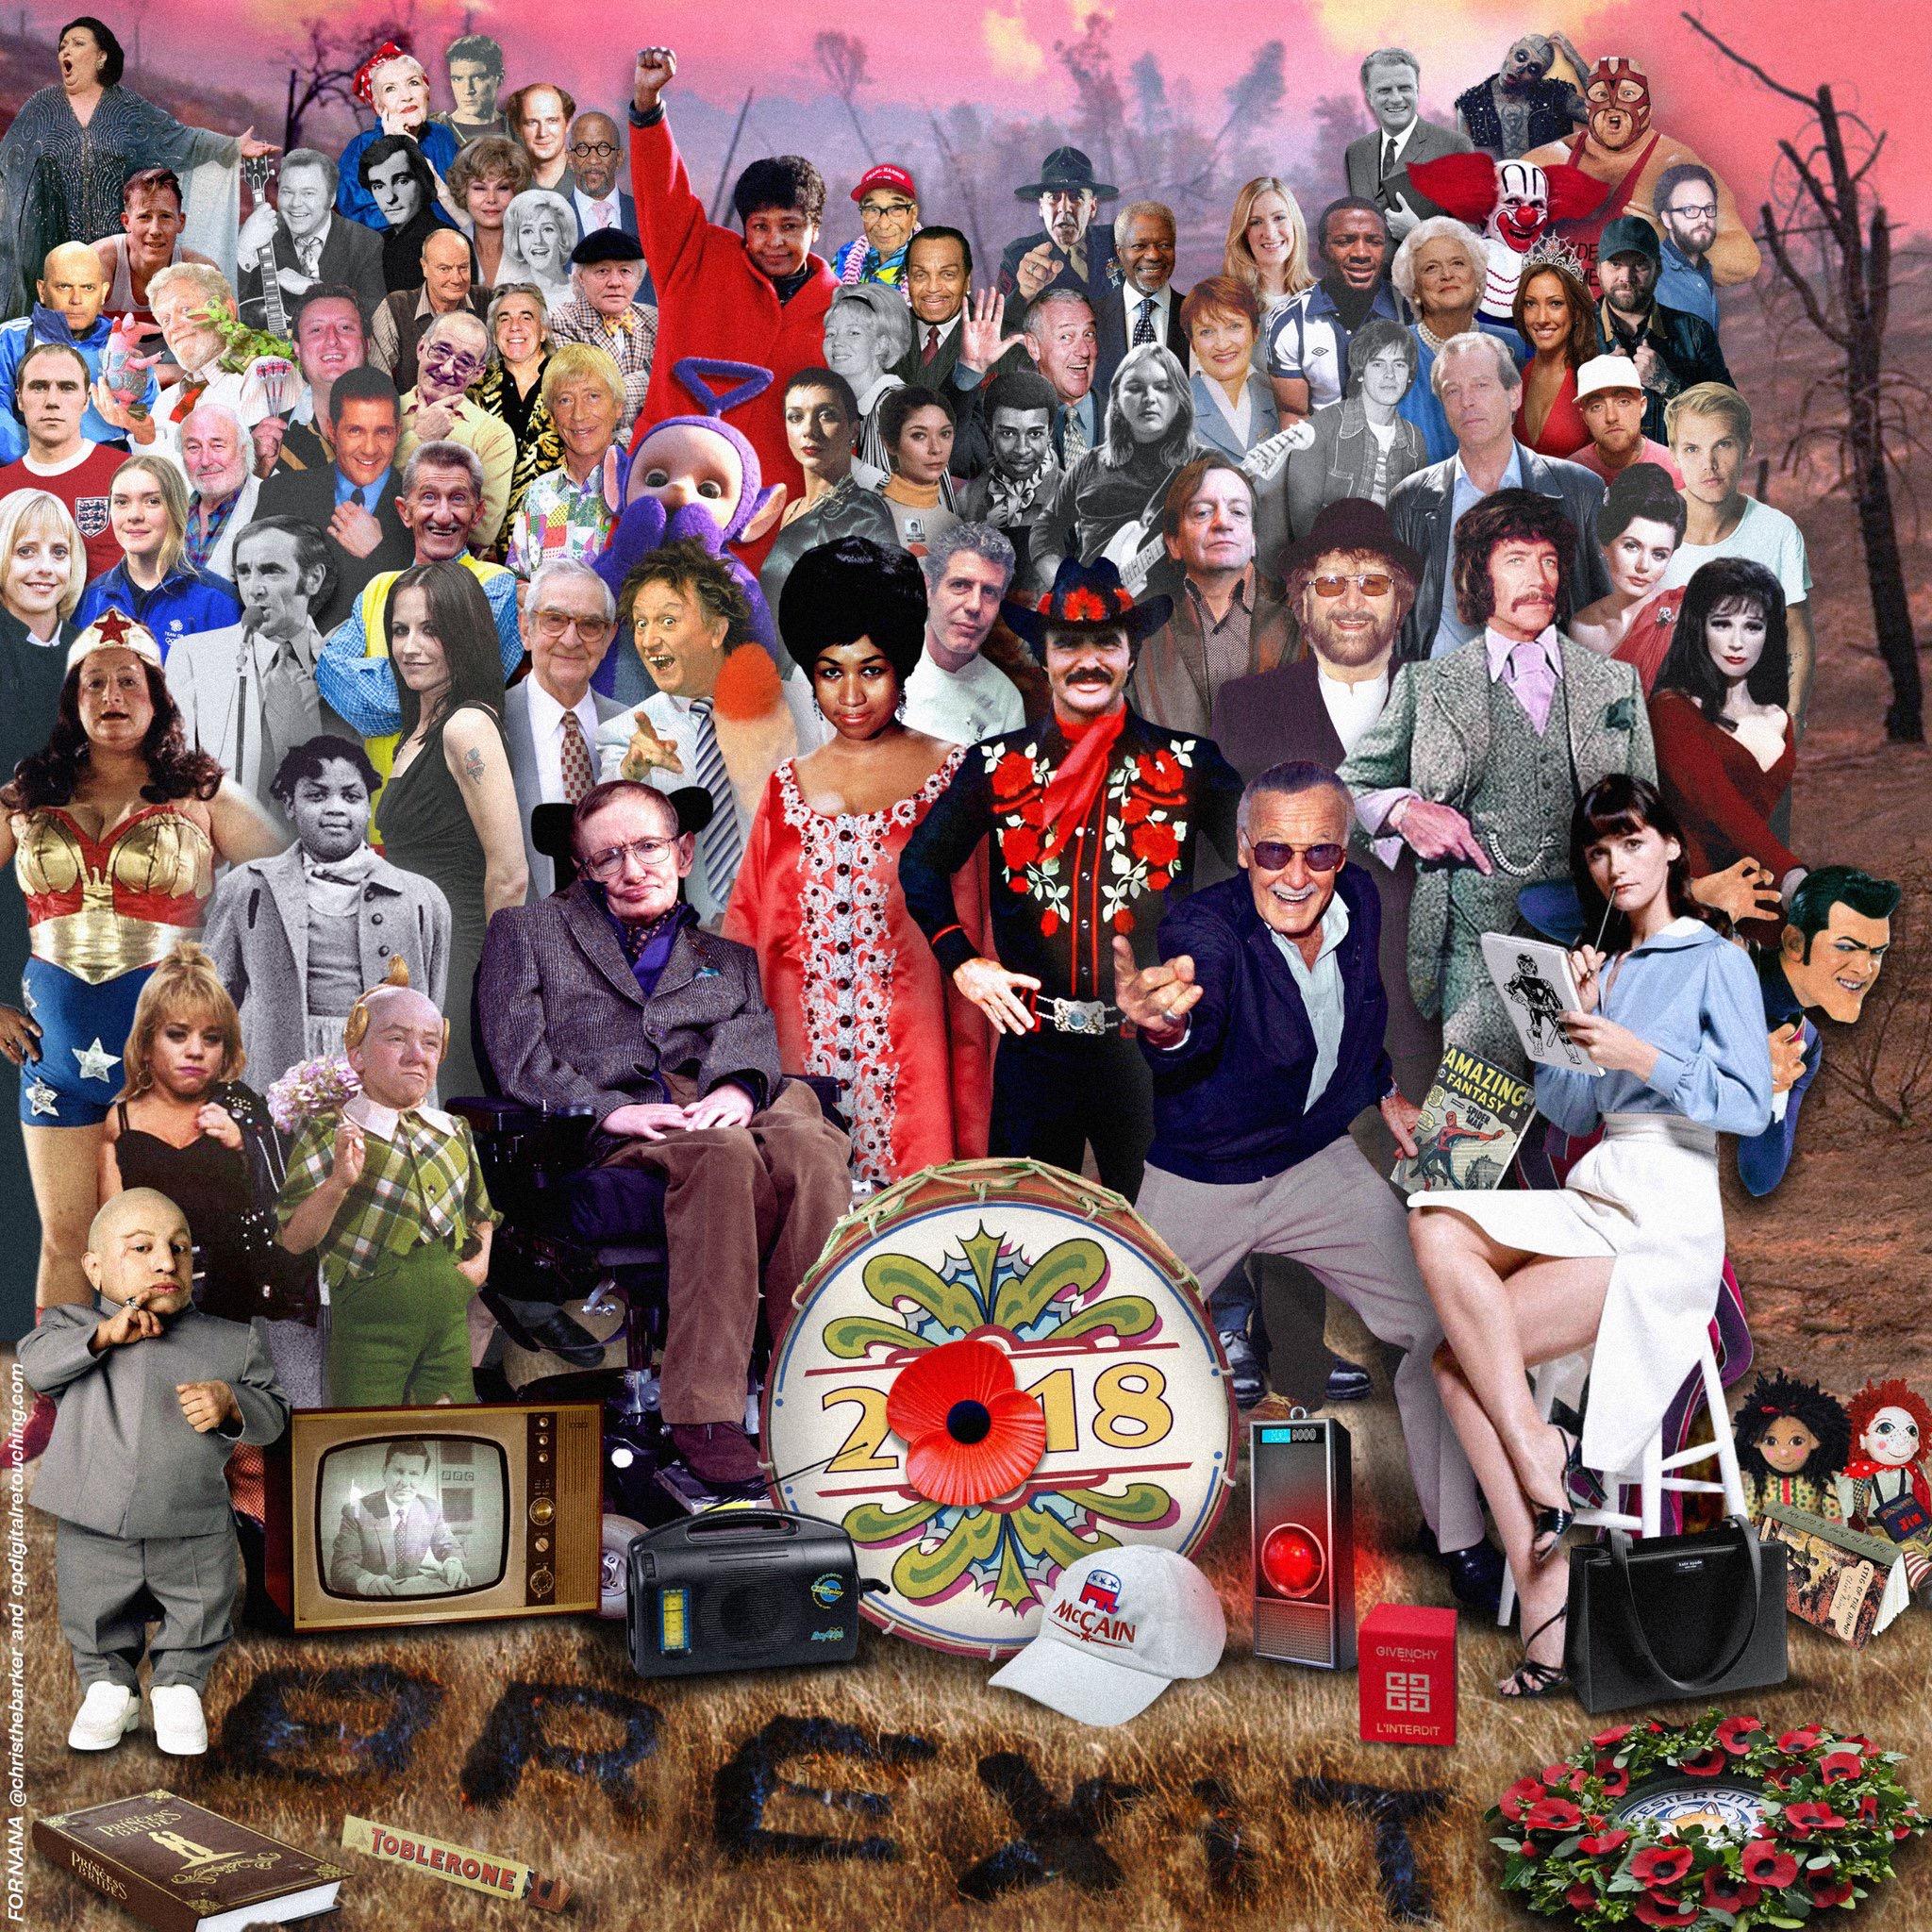 Sgt Pepper 2018